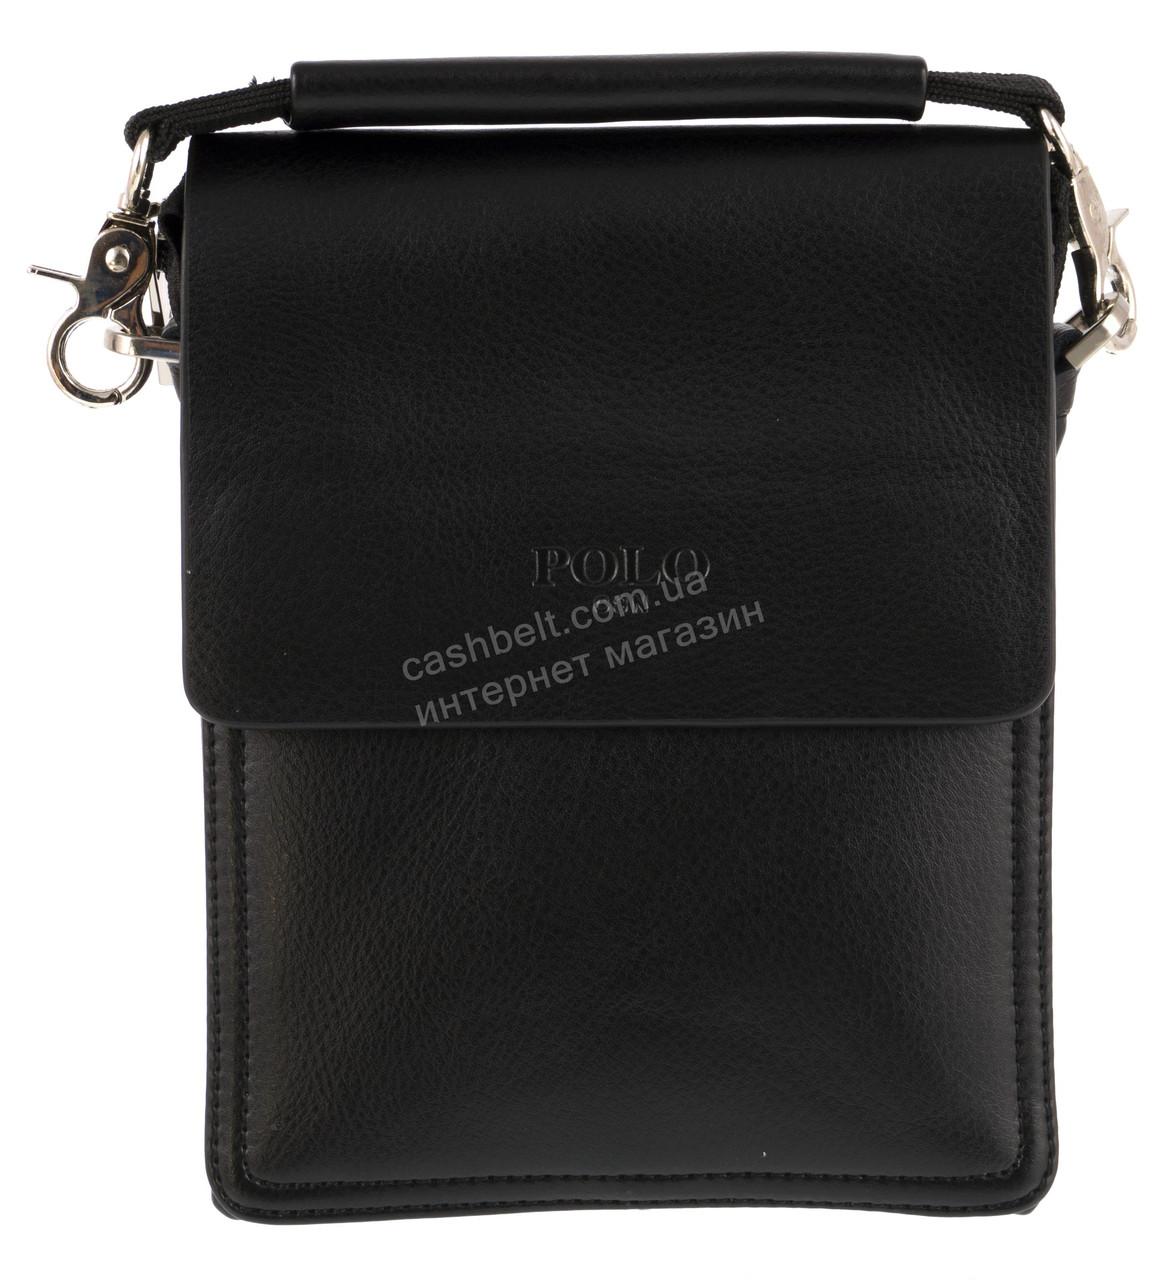 Удобная маленькая черная прочная мужская сумка с качественной PU кожи POLO art. TP88840-0 черная